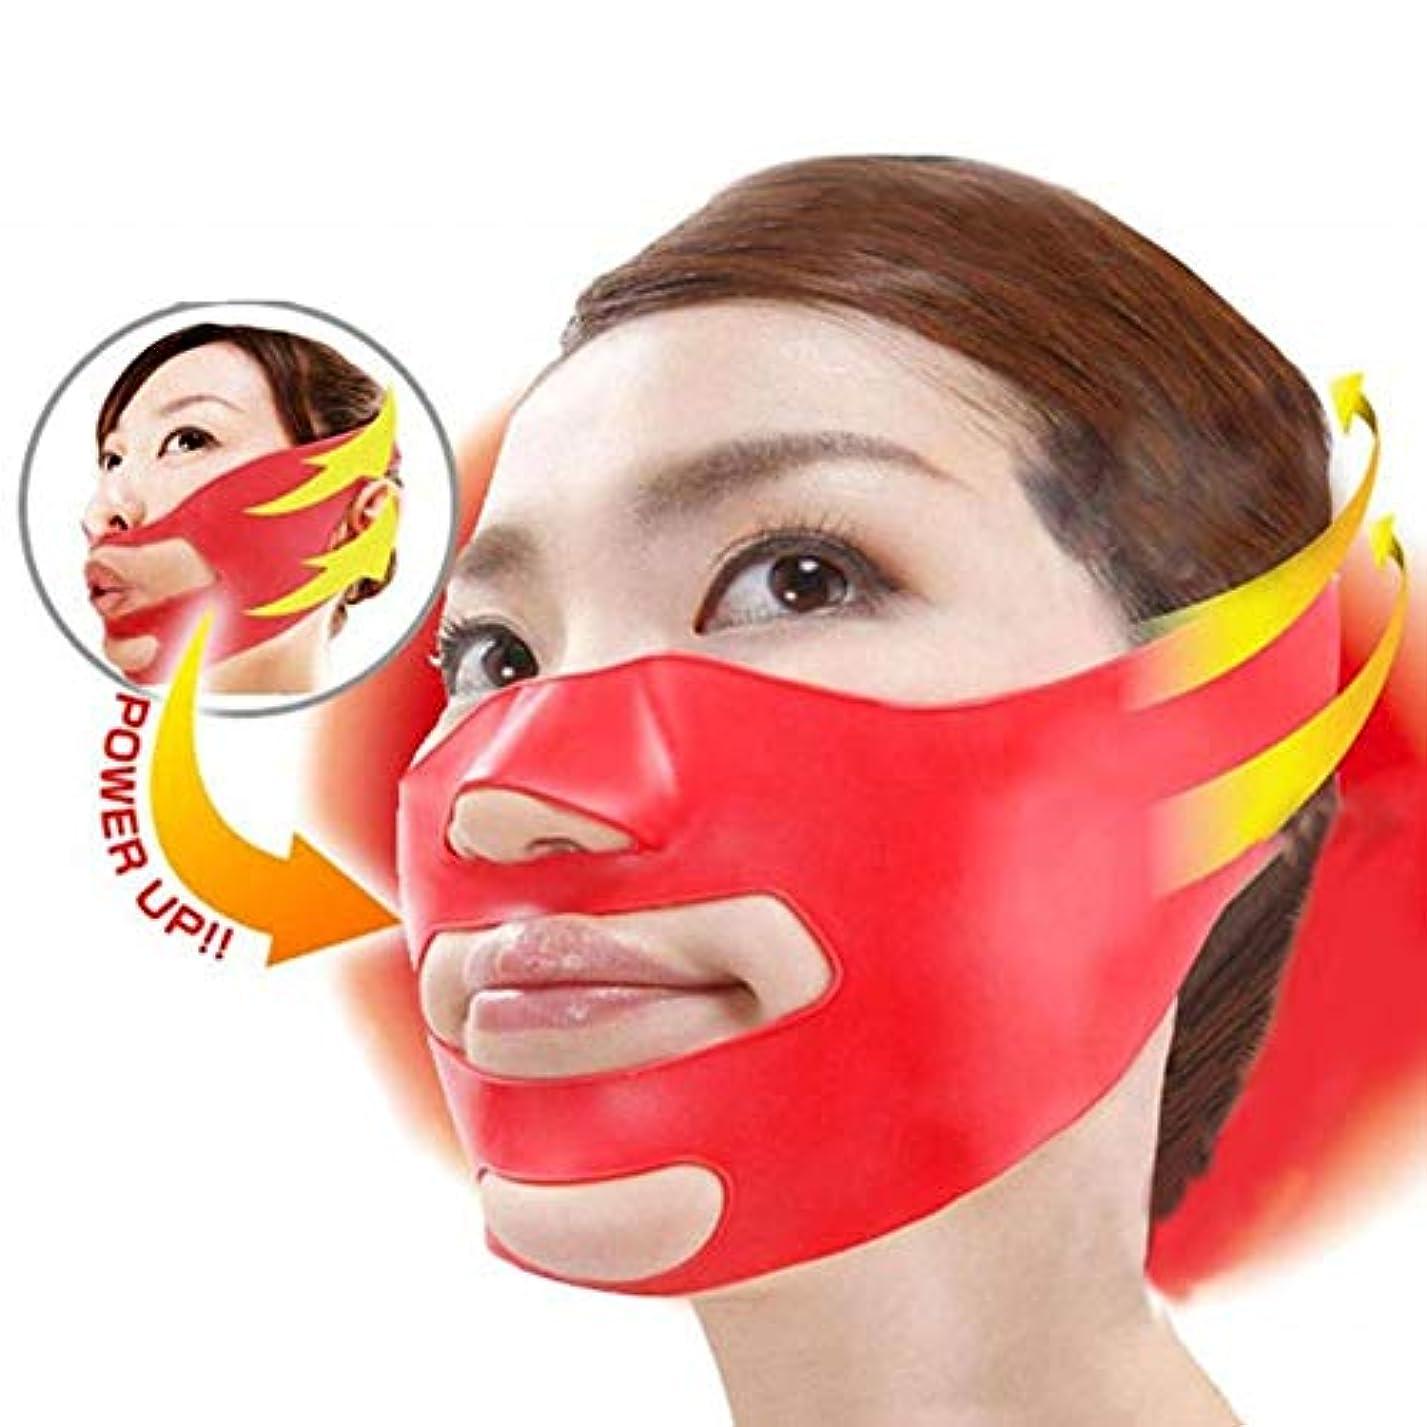 ほかに草入る1ピース3dフェイスリフトツールフェイシャルシェイパーv頬リフトアップフェイスマスク痩身マスクベルト包帯成形整形スリム女性美容ツール